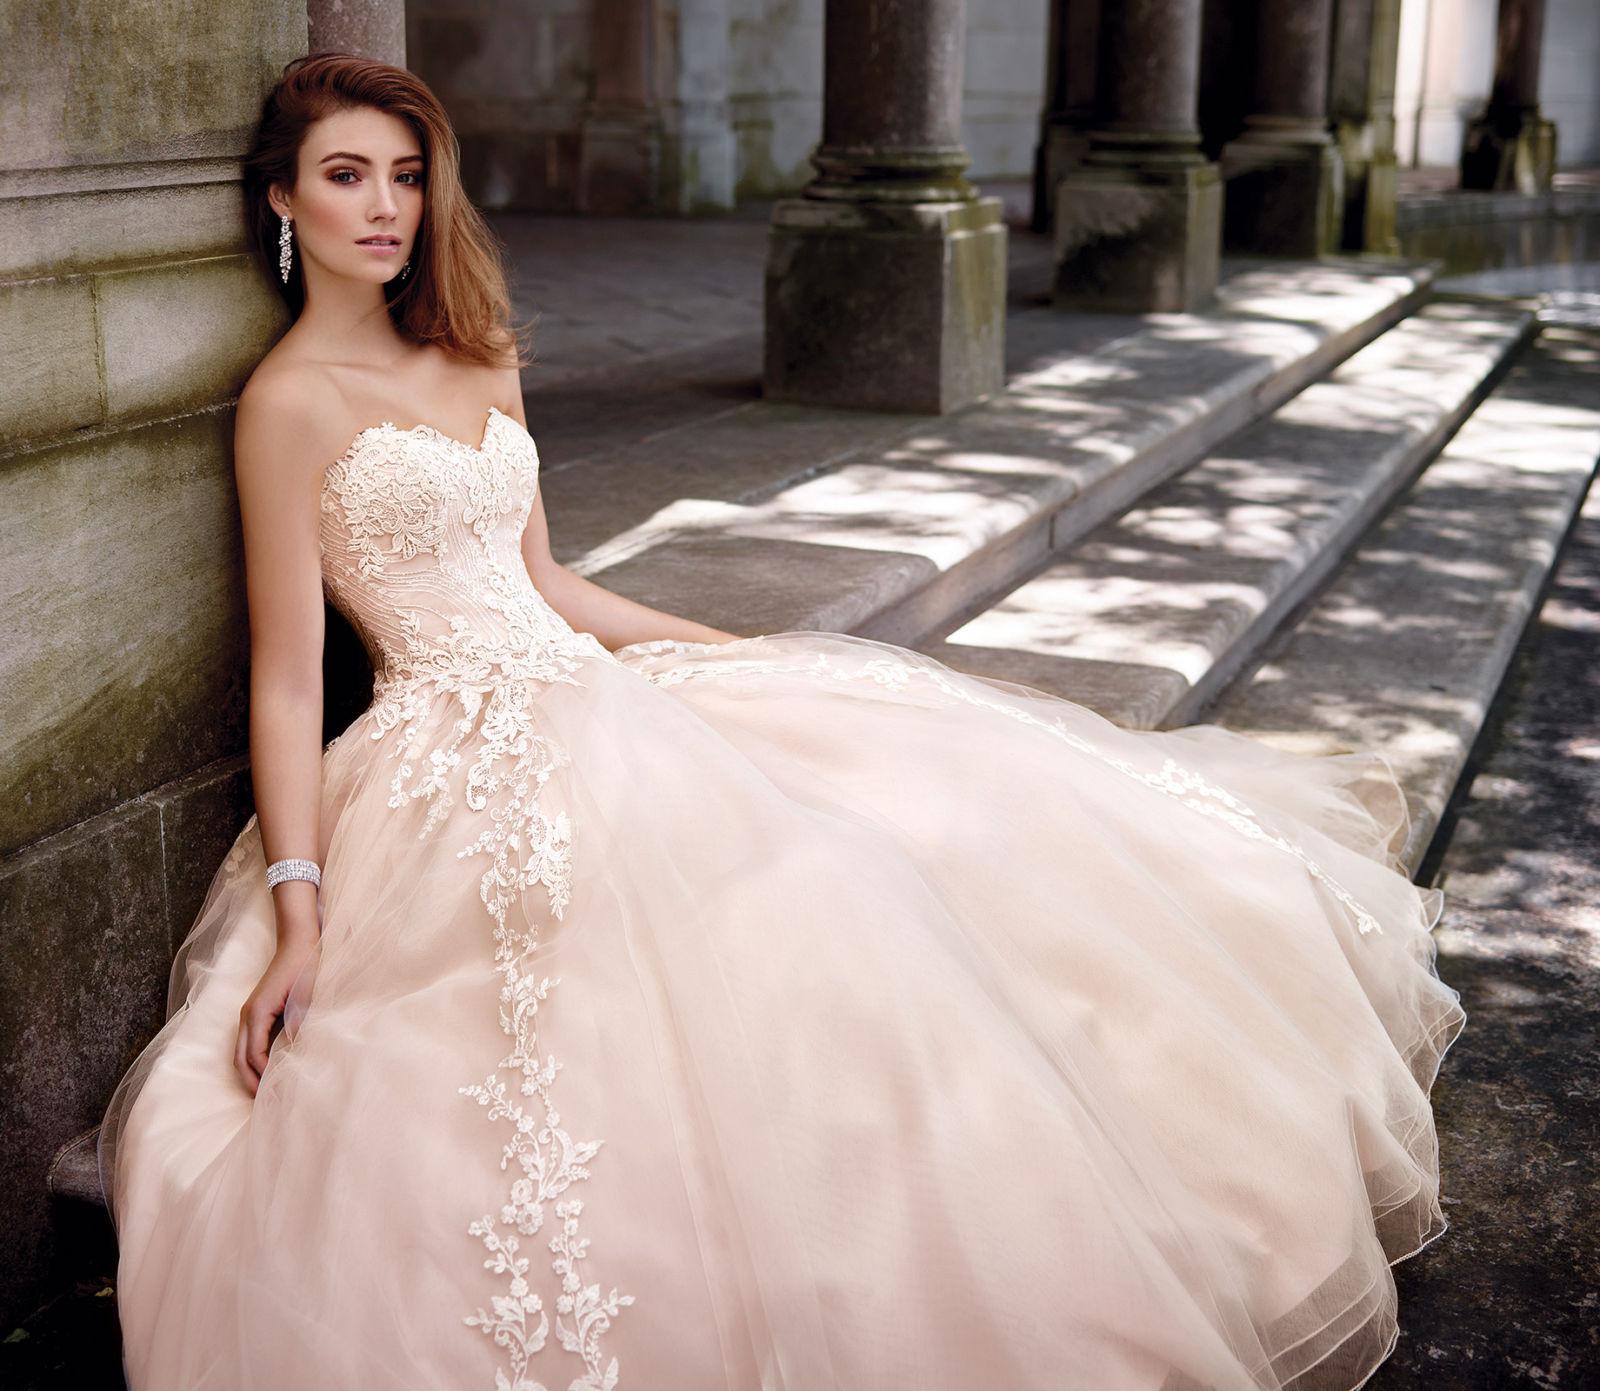 wann Brautkleid kaufen?